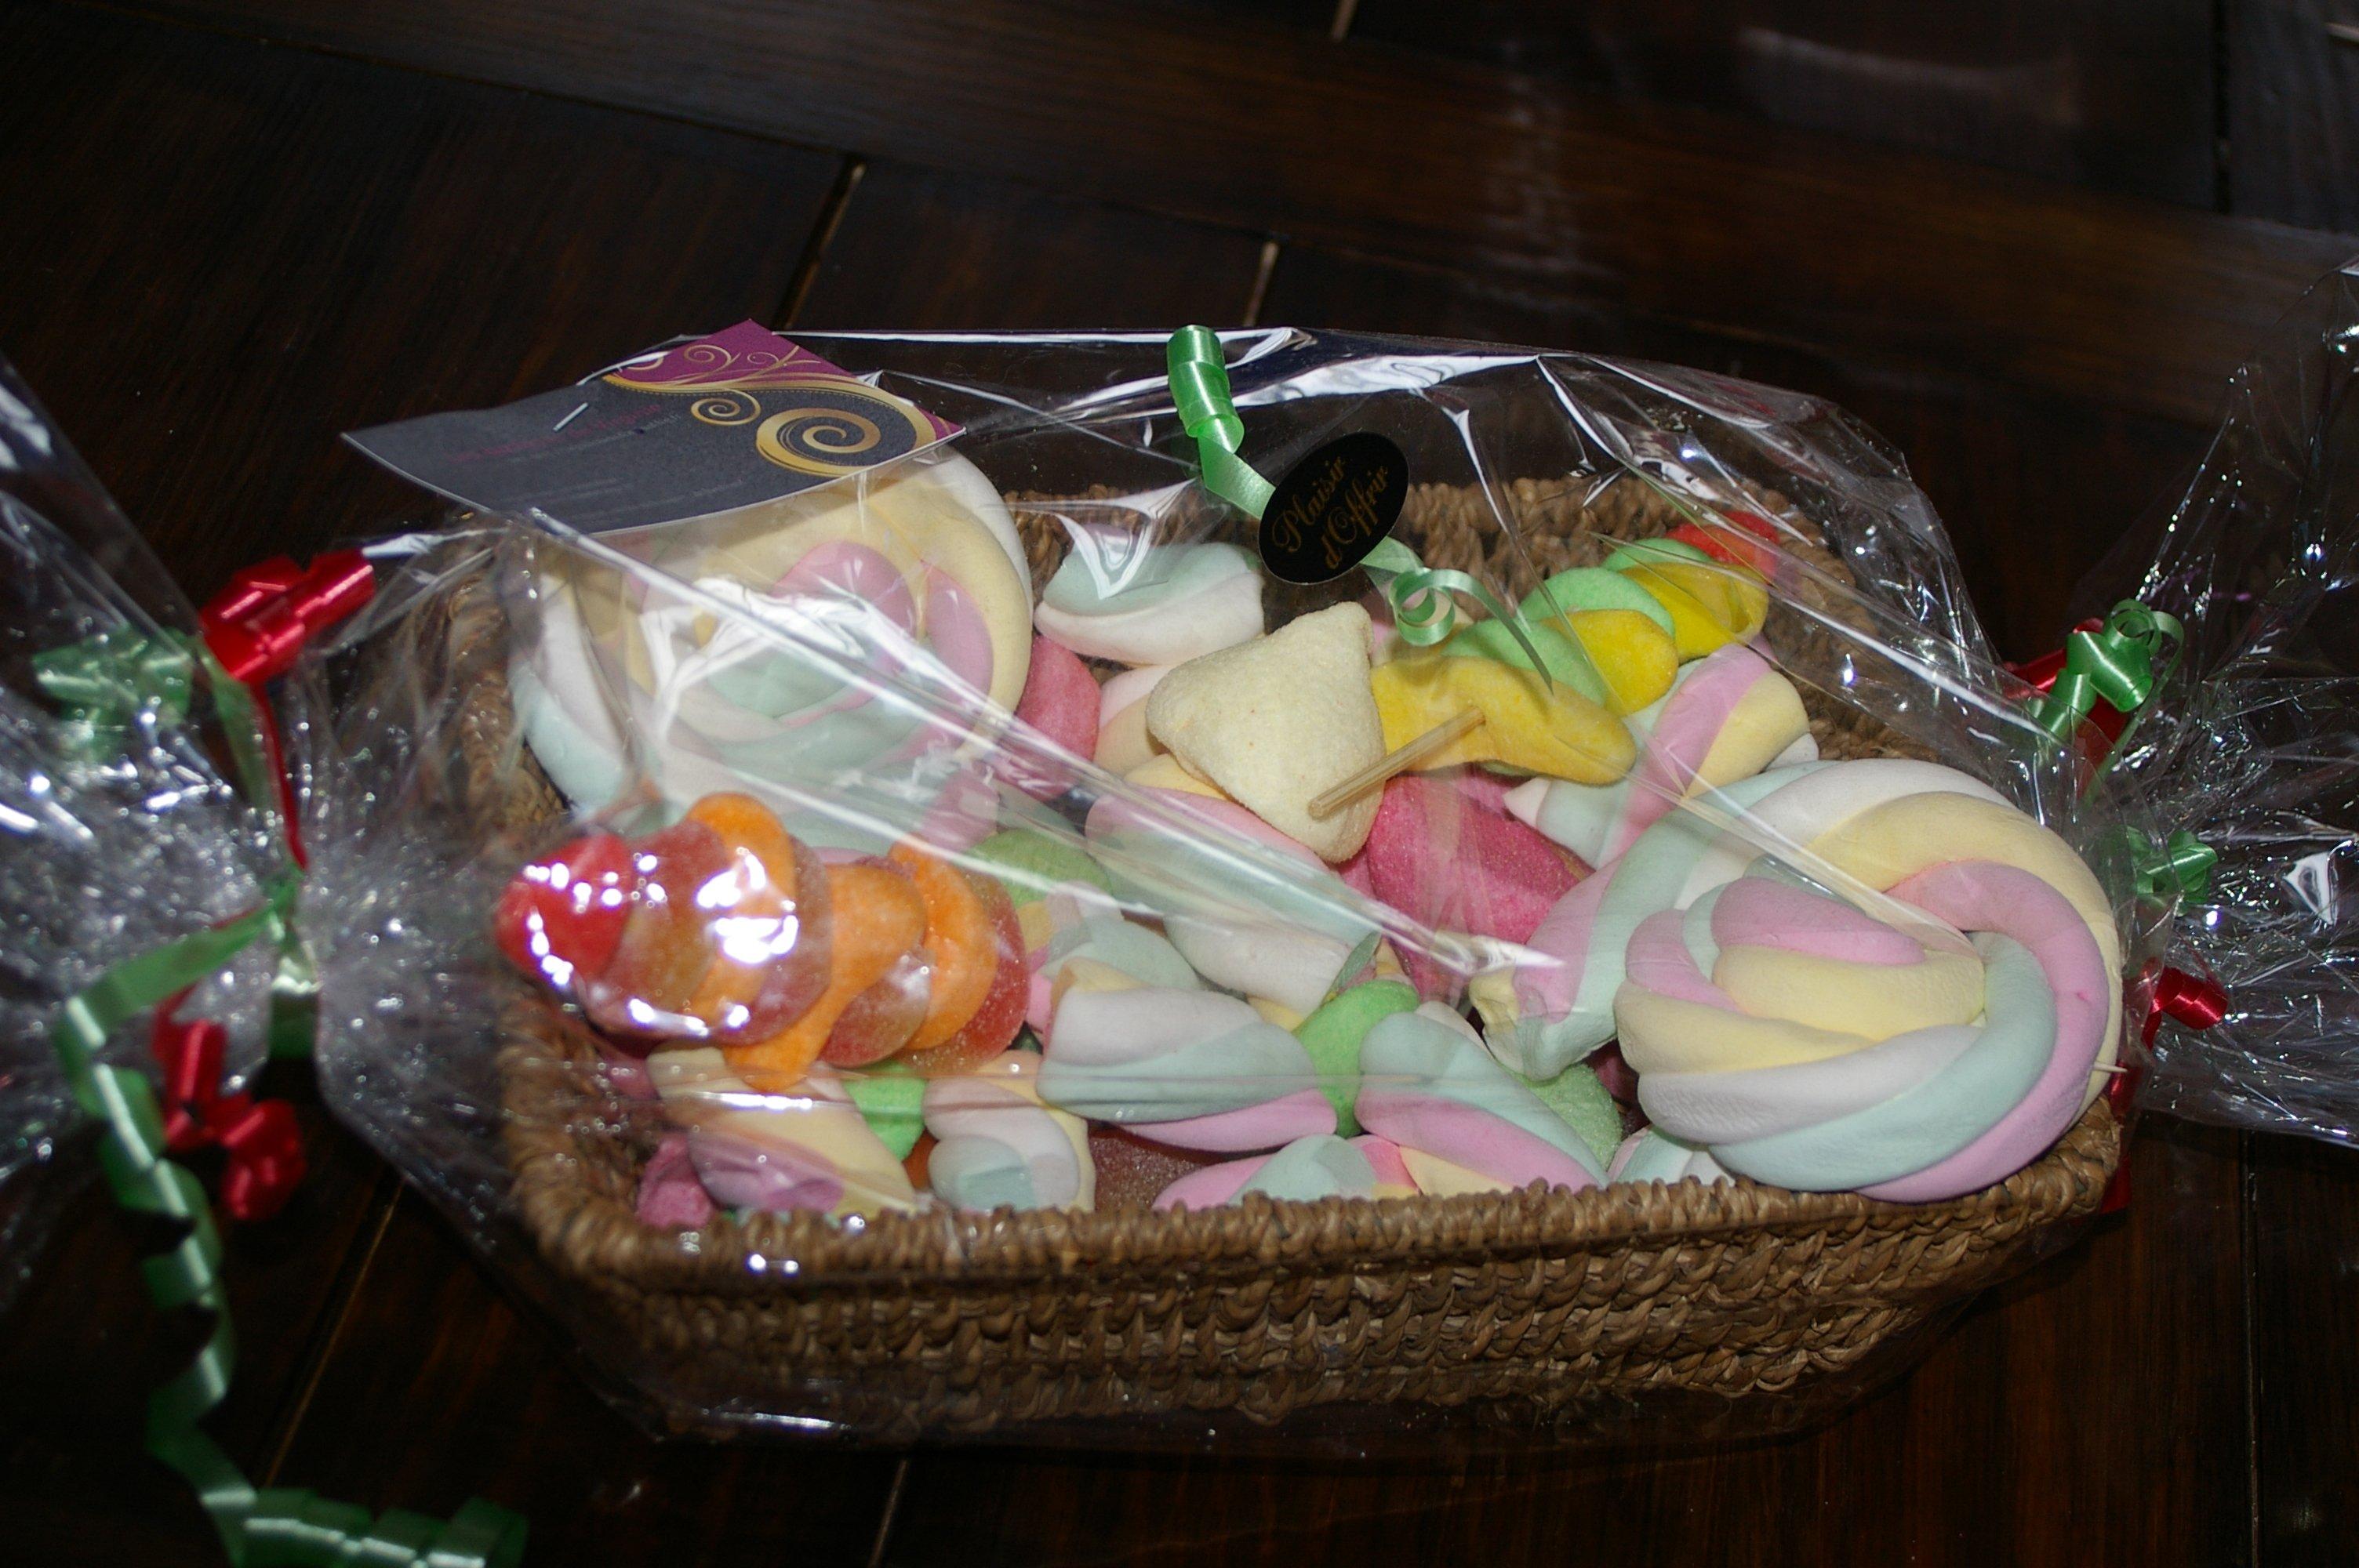 Panier Cadeau Bonbon : G?teaux de bonbons virginie